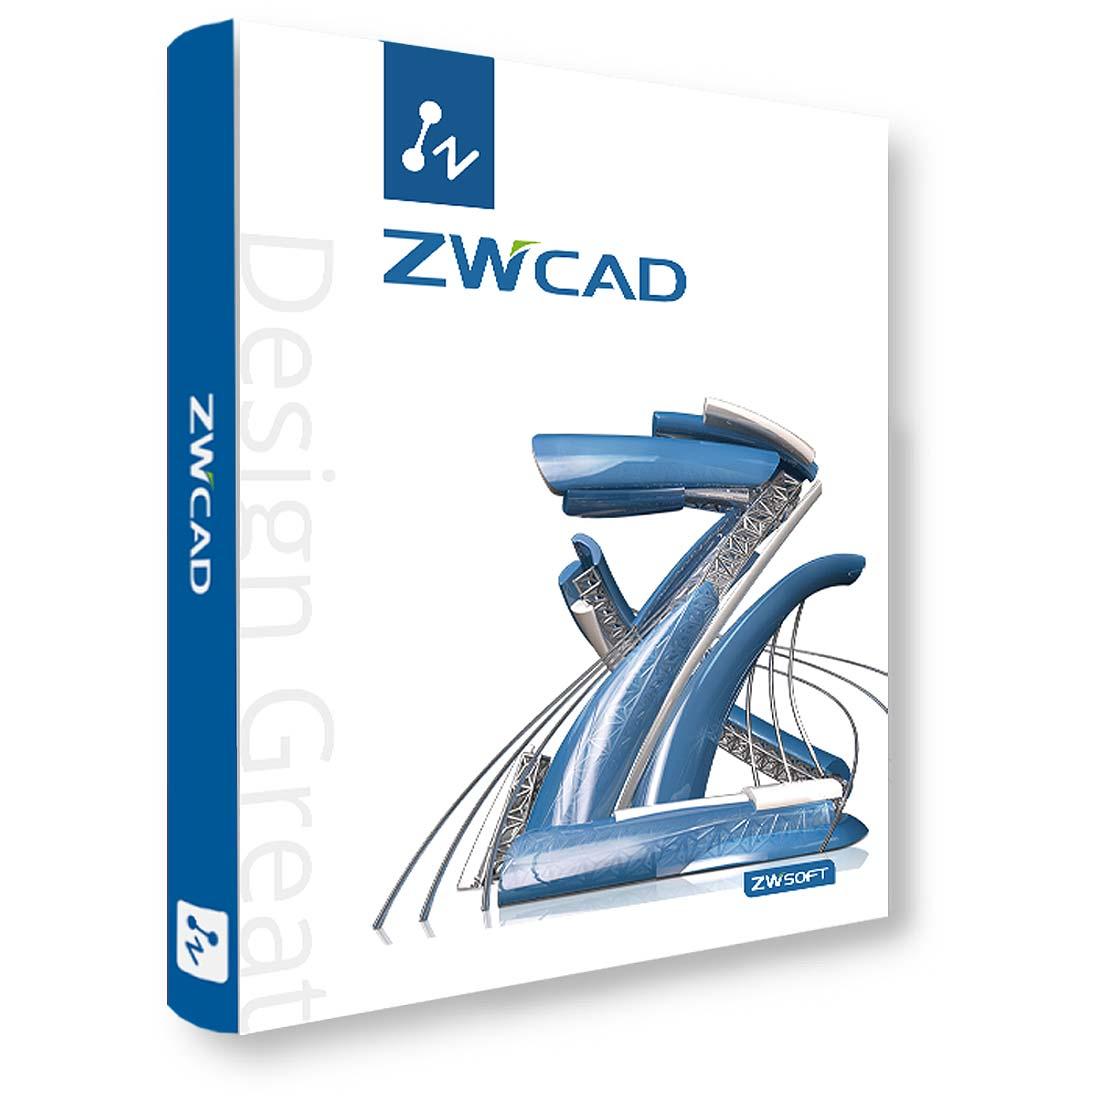 ZWCAD 2018